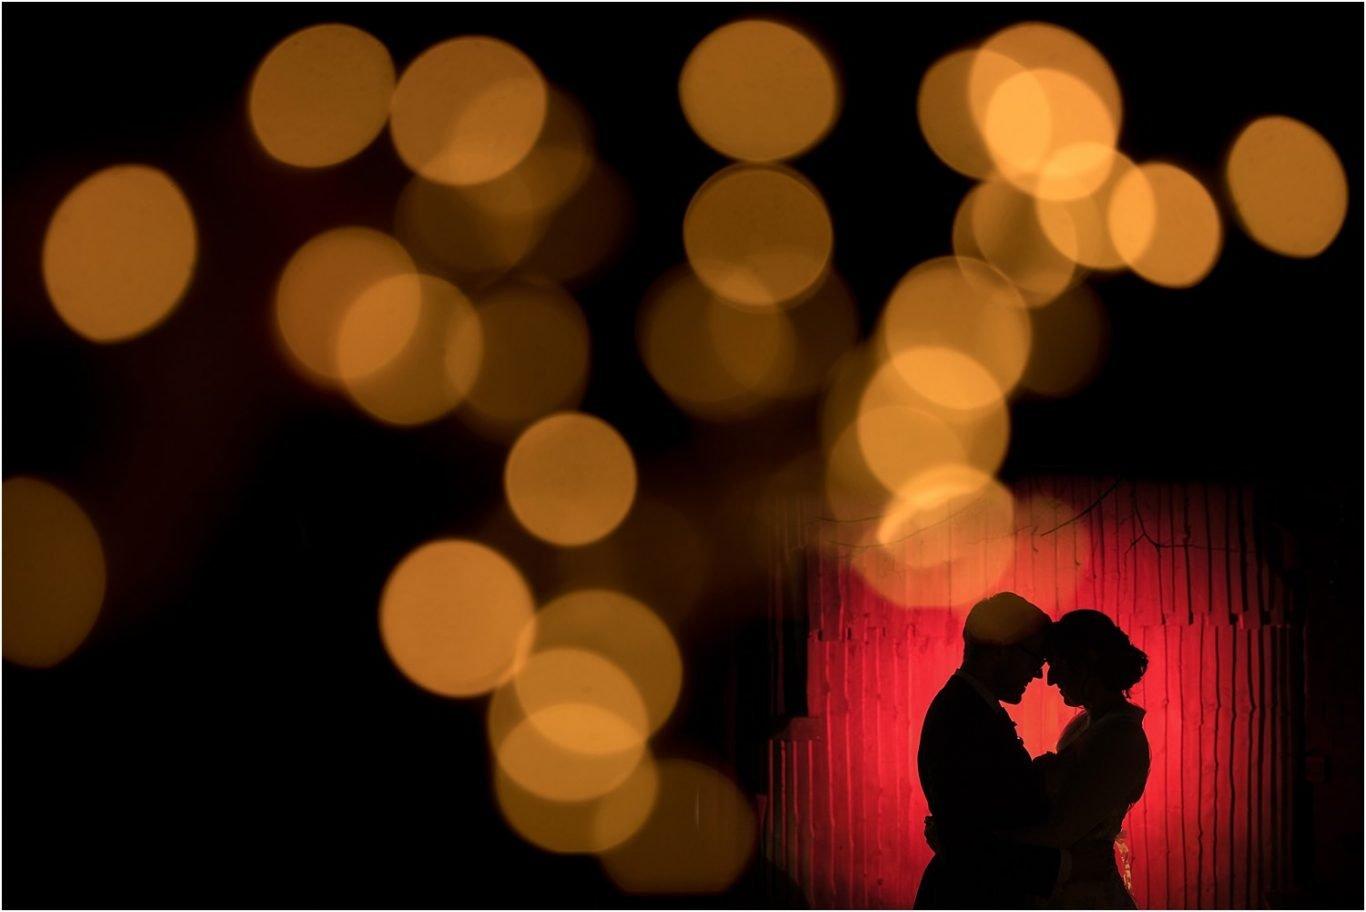 Brdie & Groom silhouette